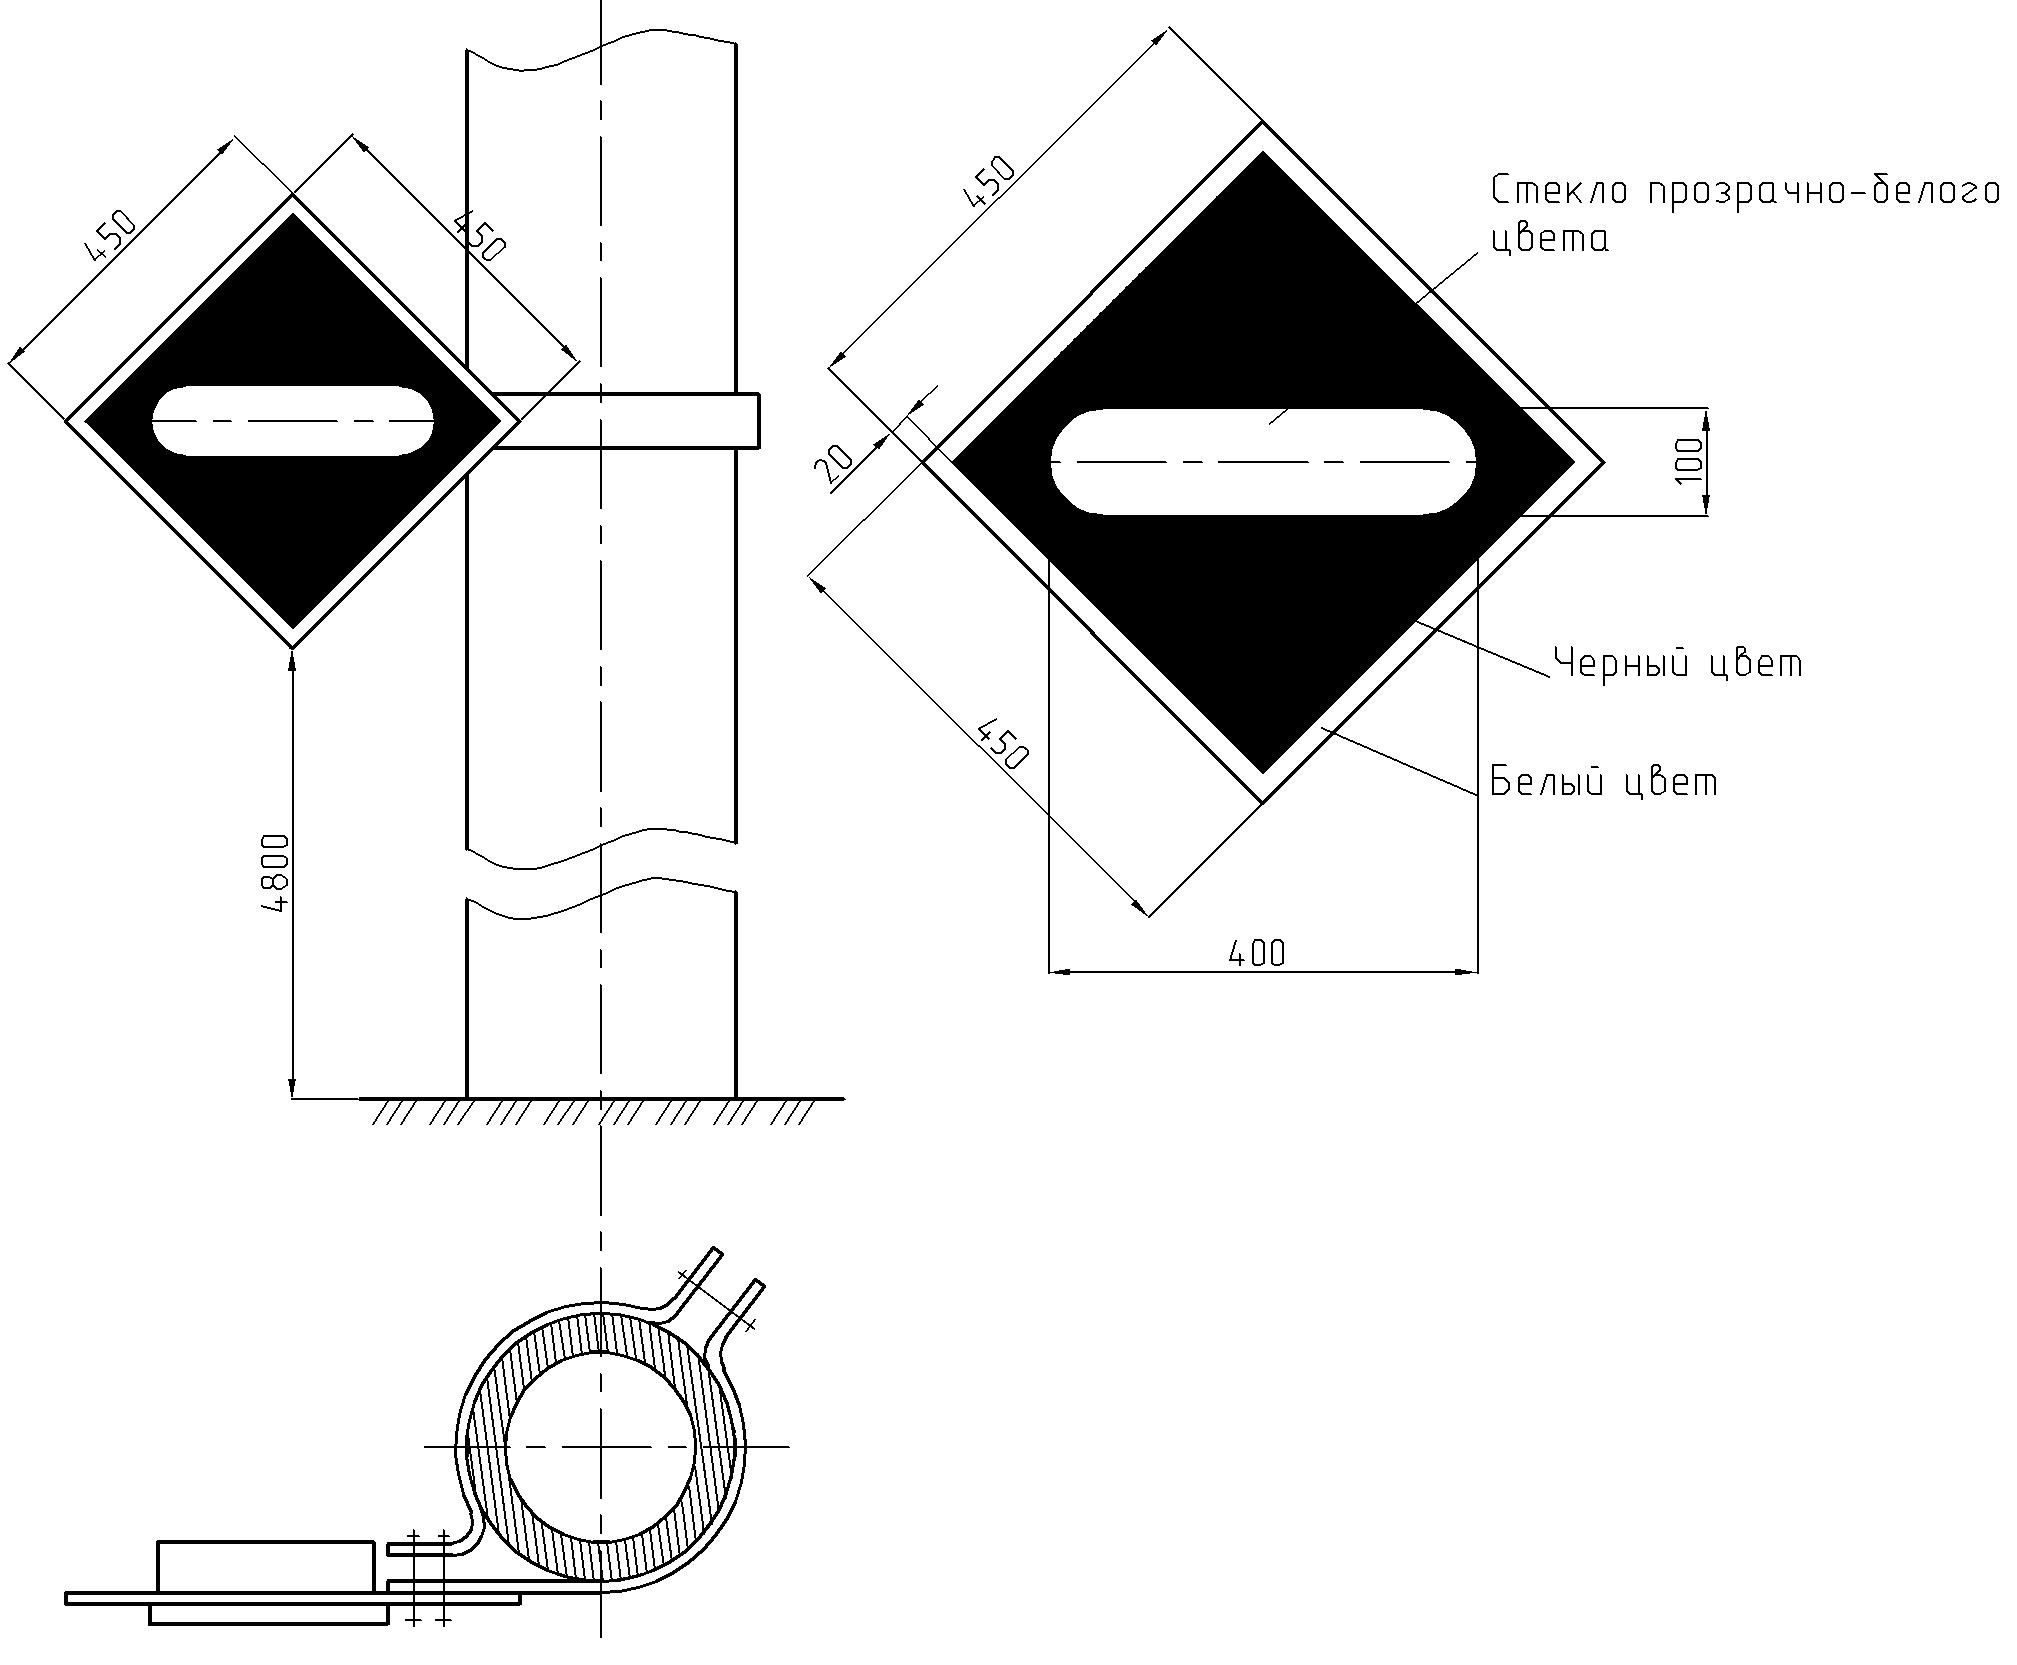 Рисунок 7. Световой указатель «Опустить токоприемник»